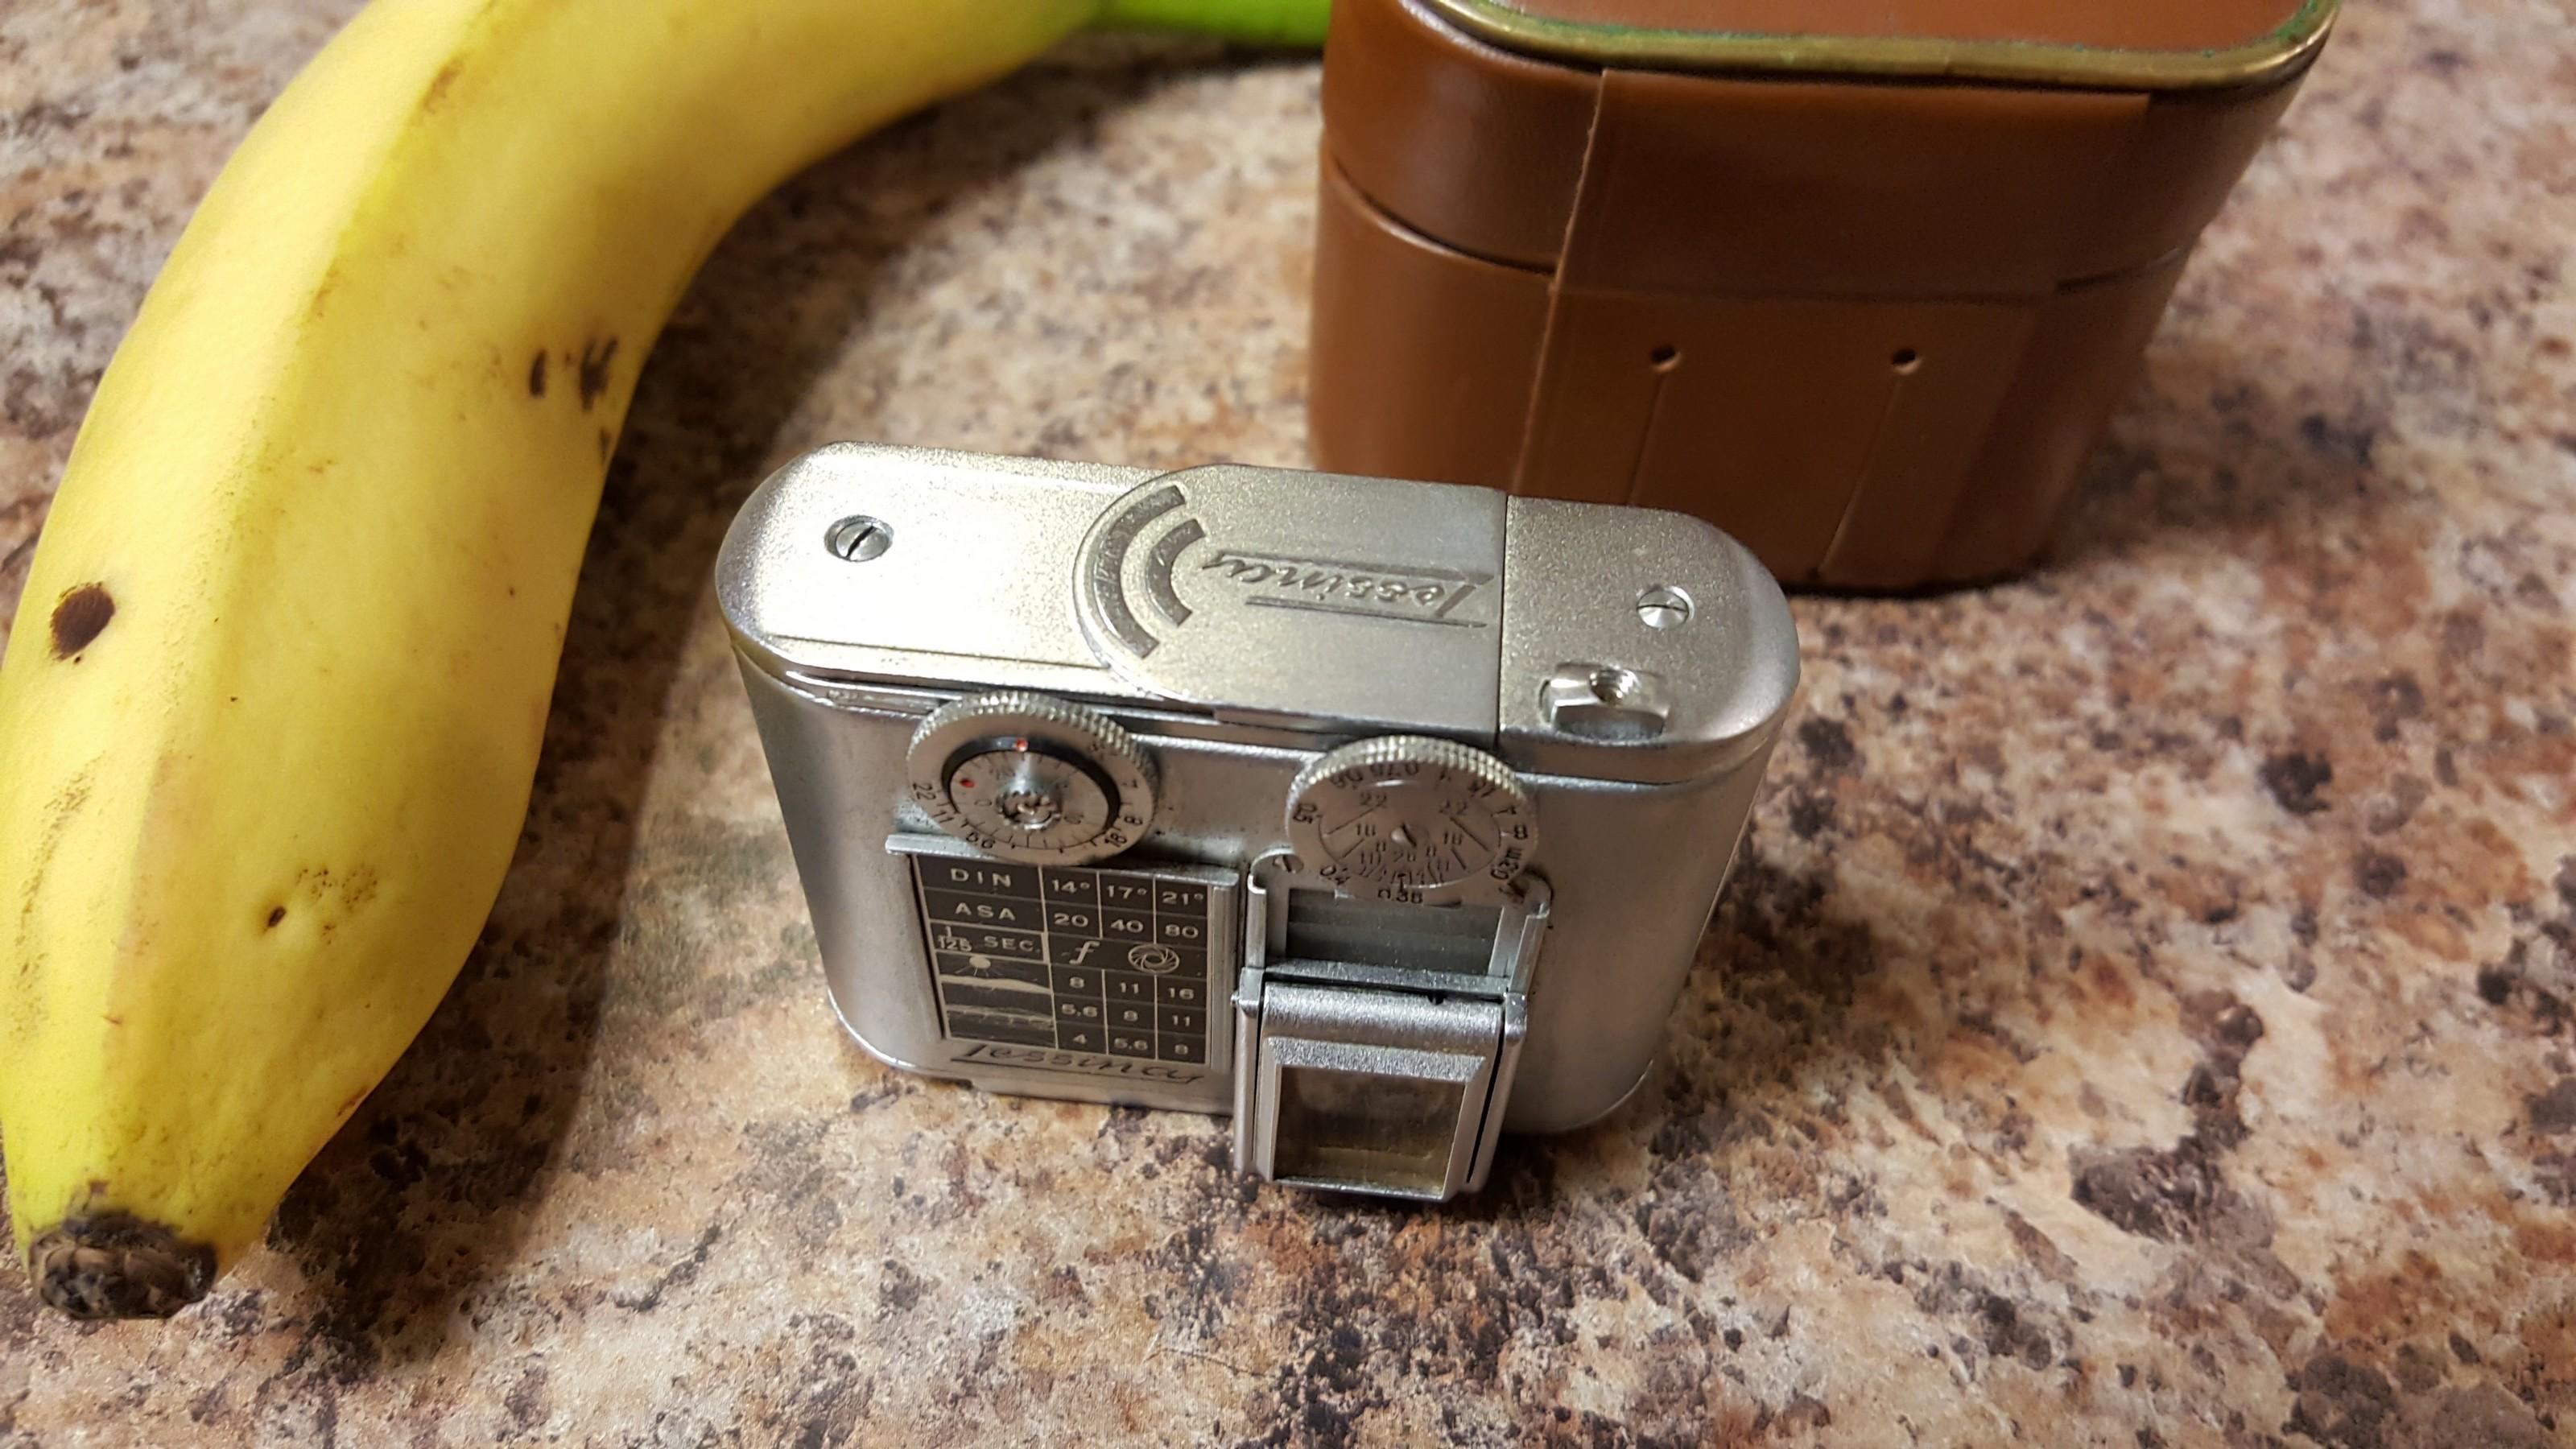 appareil-photo-tessina-bracelet-05